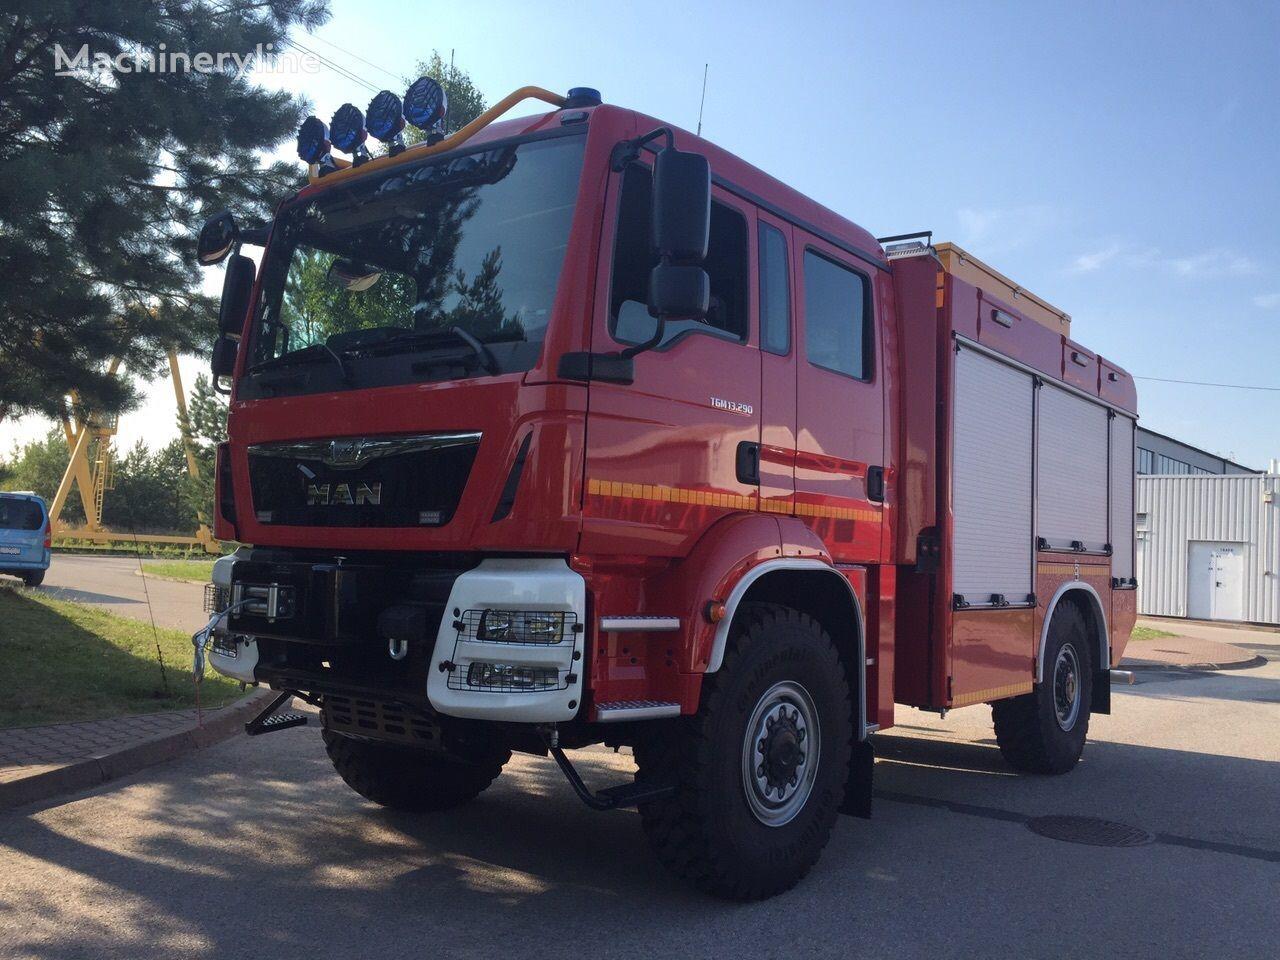 new MAN TGM 13.290 Einzelbereifung 4x4 fire truck